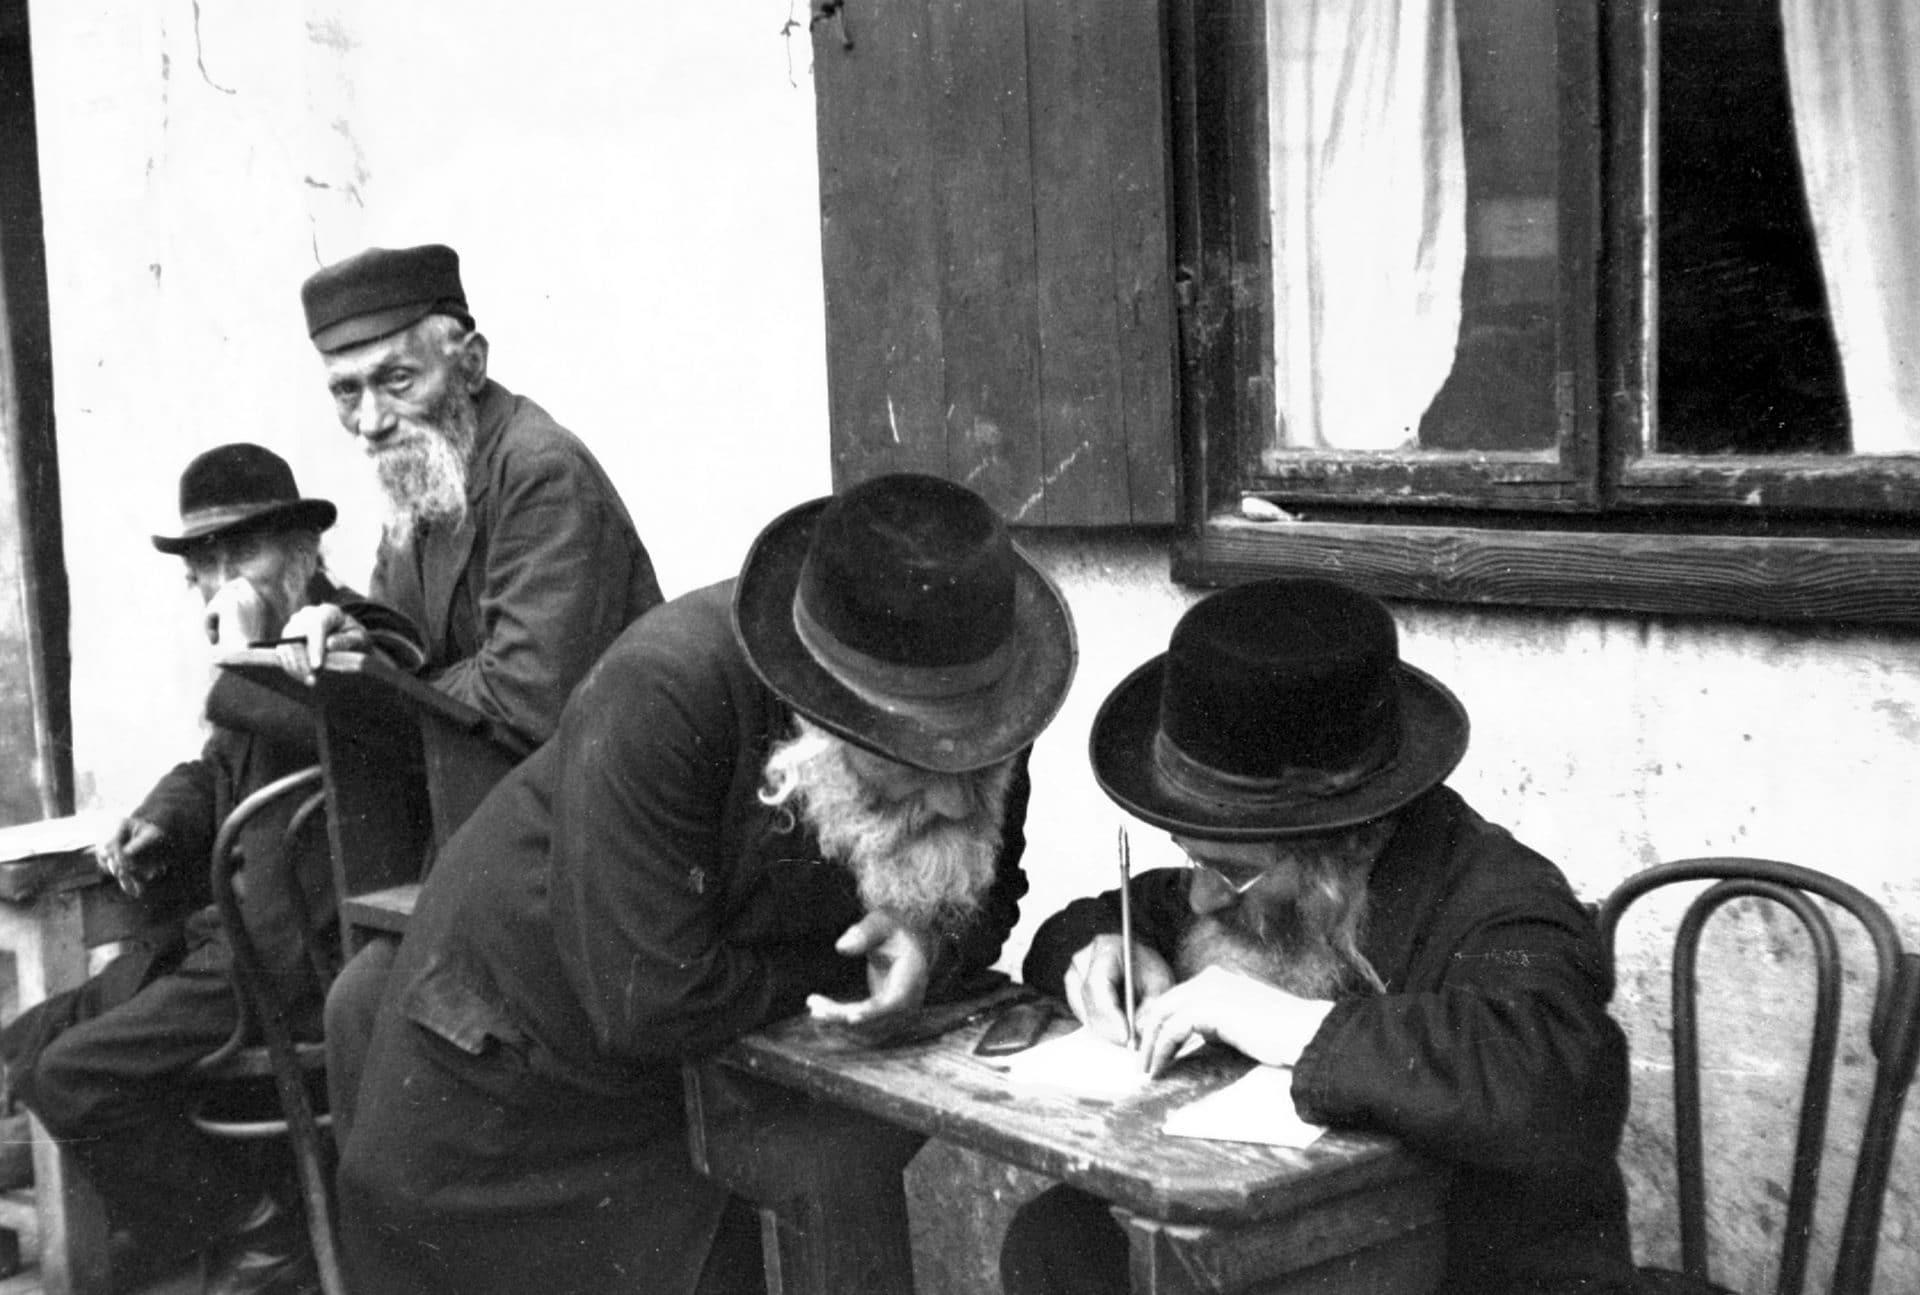 Uczestnicy uroczystości święta rabina ReMU podczas pisania próśb na kartkach umieszczanych w szczelinach grobowców rabinów. 1931 rok. Fot. Narodowe Archiwum Cyfrowe.